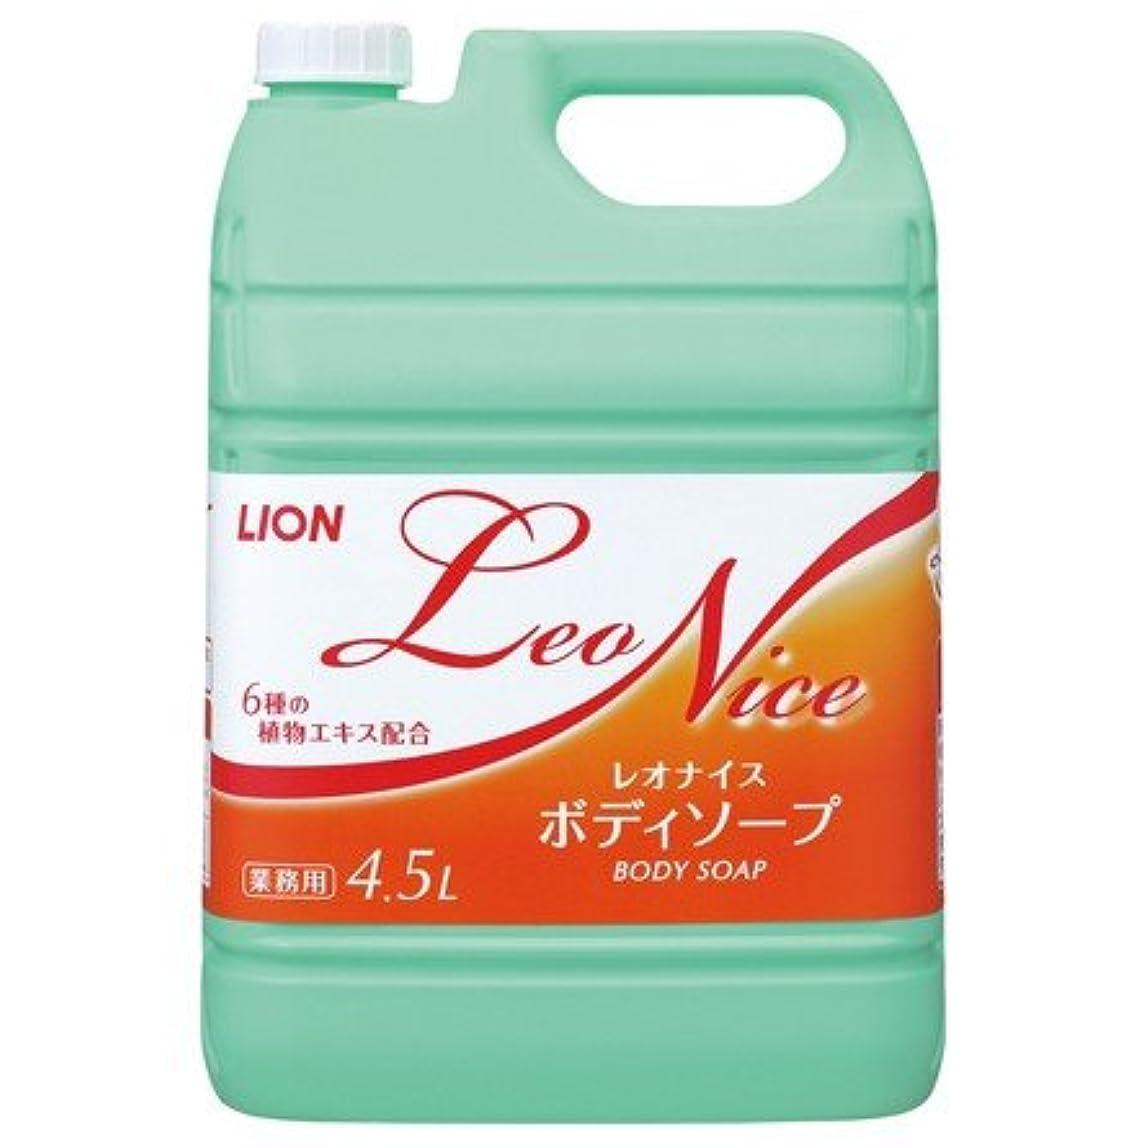 ツール甘味粘り強いライオン レオナイス ボディソープ 4.5L×3本入